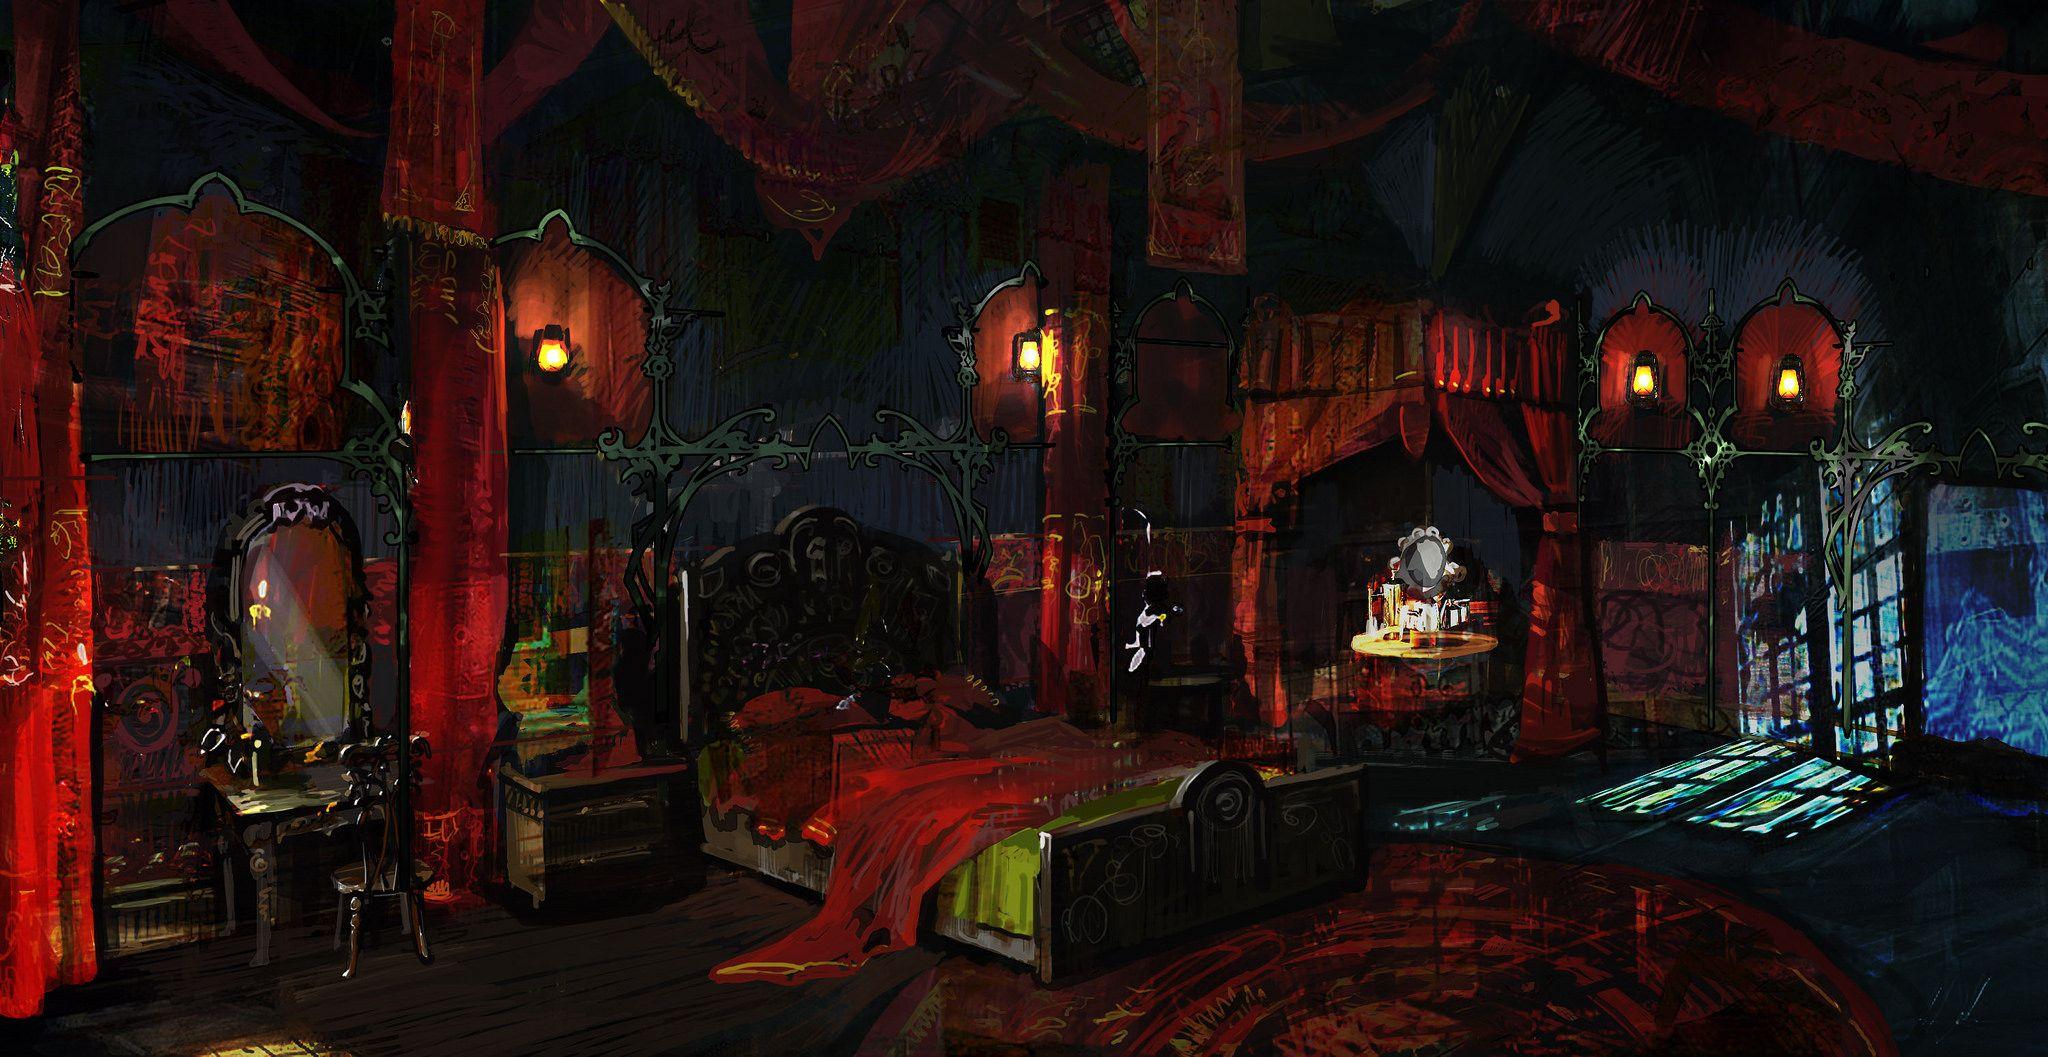 The Witcher artwork Fantasy landscape, Fantasy art